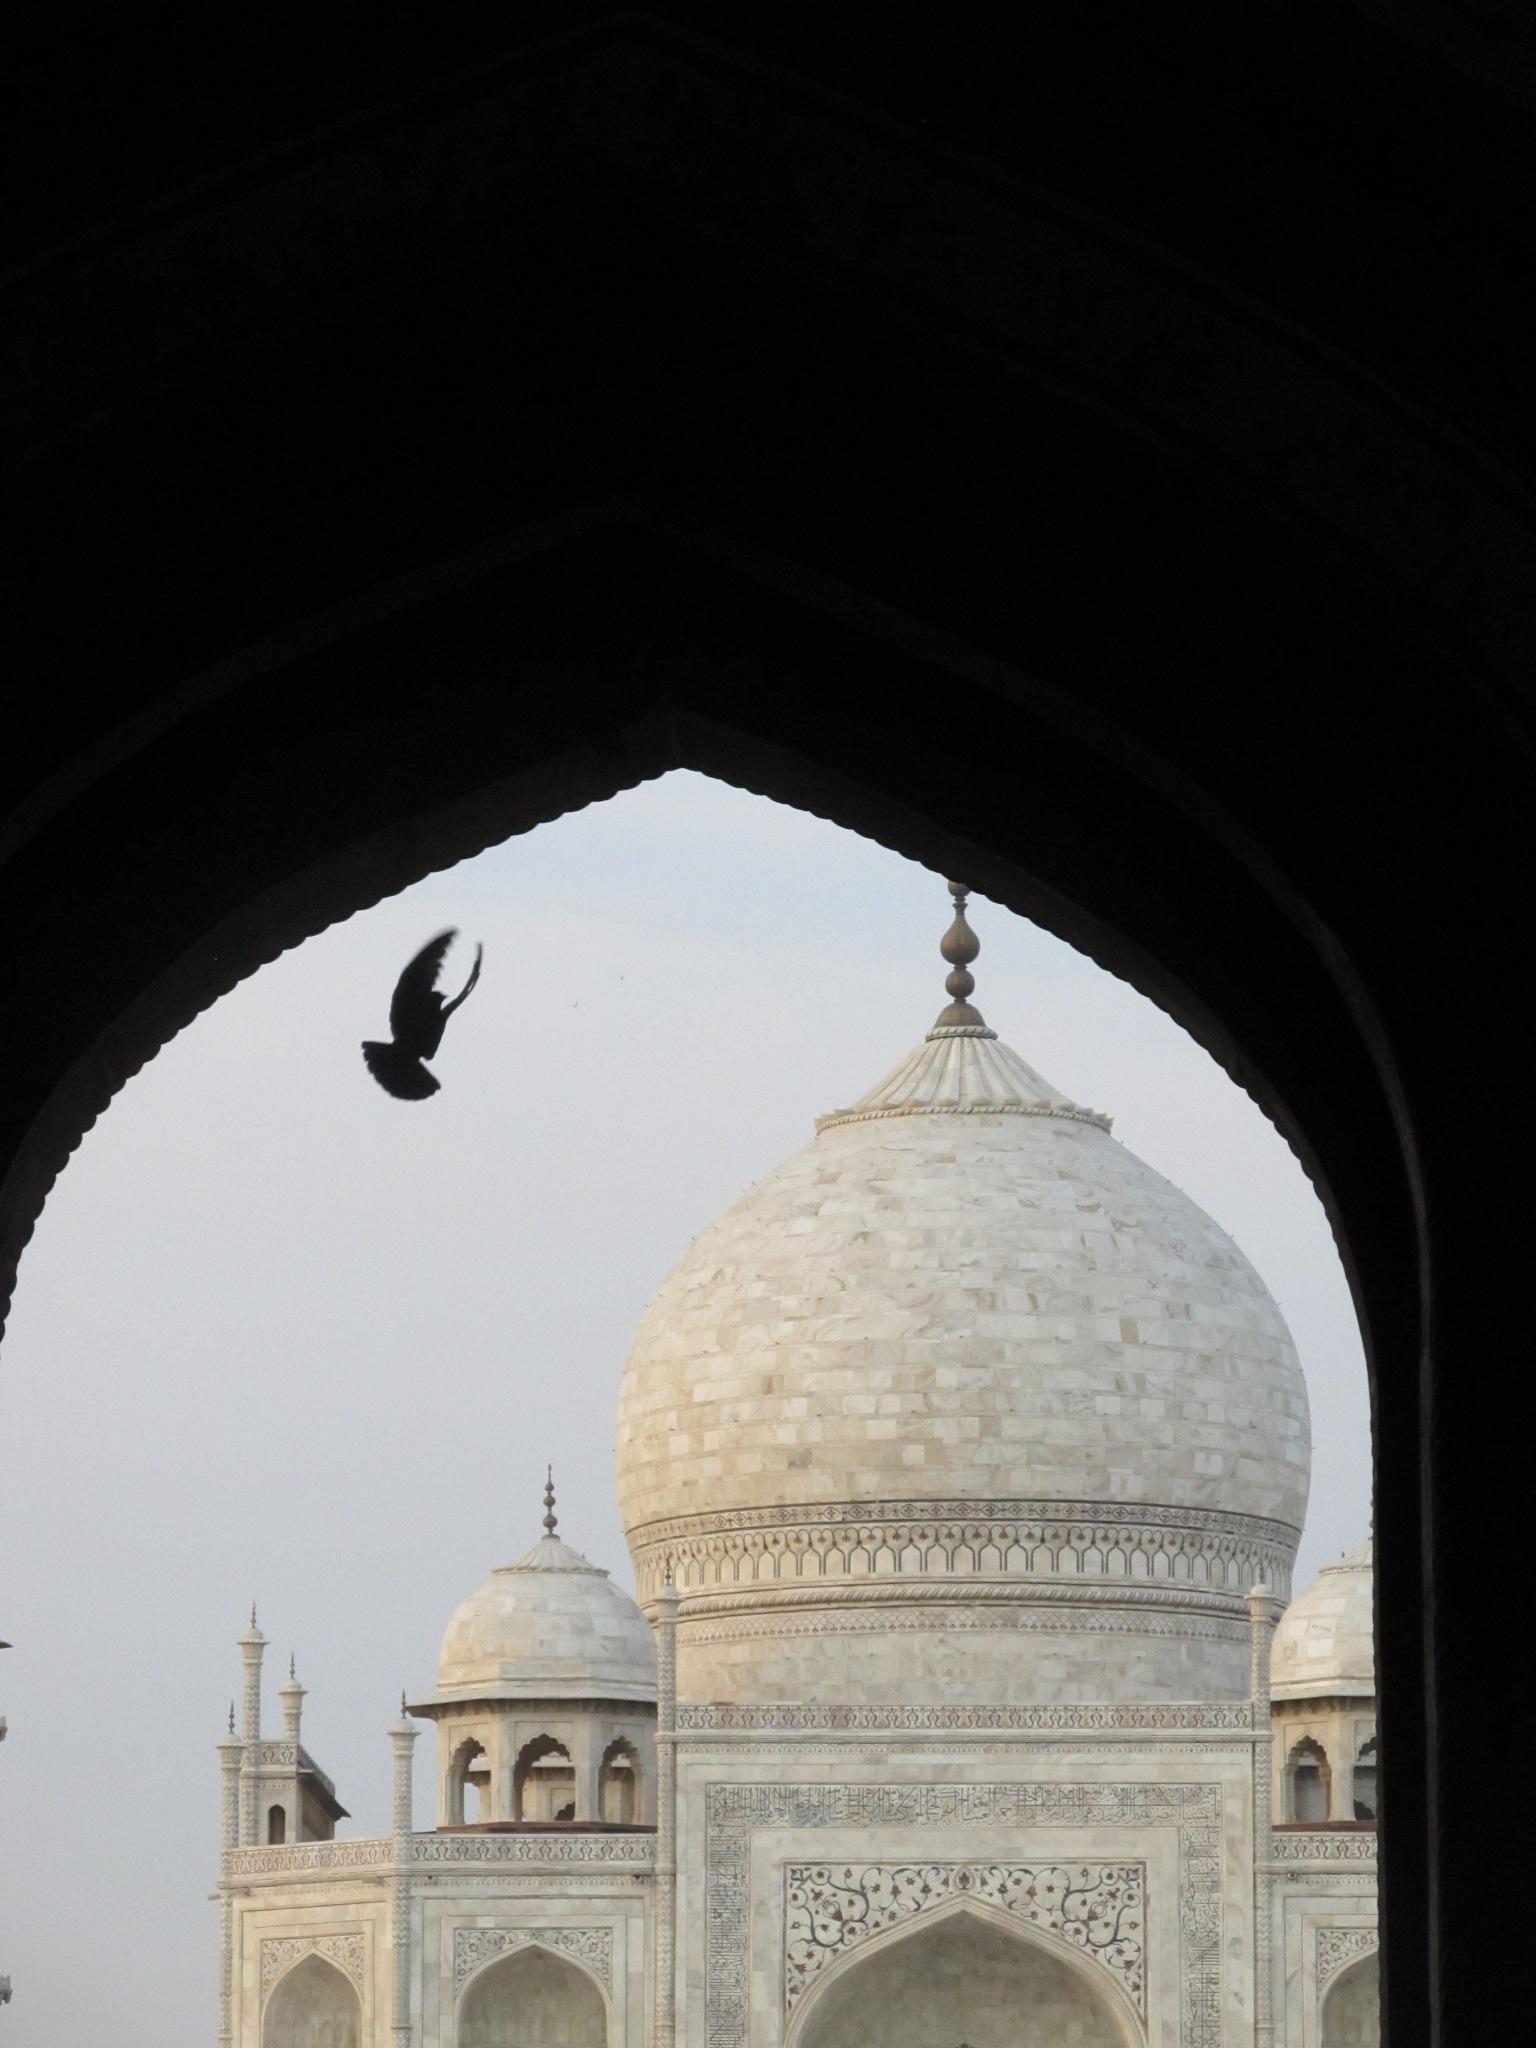 The Taj Mahal, India by annapoorna.sitaram